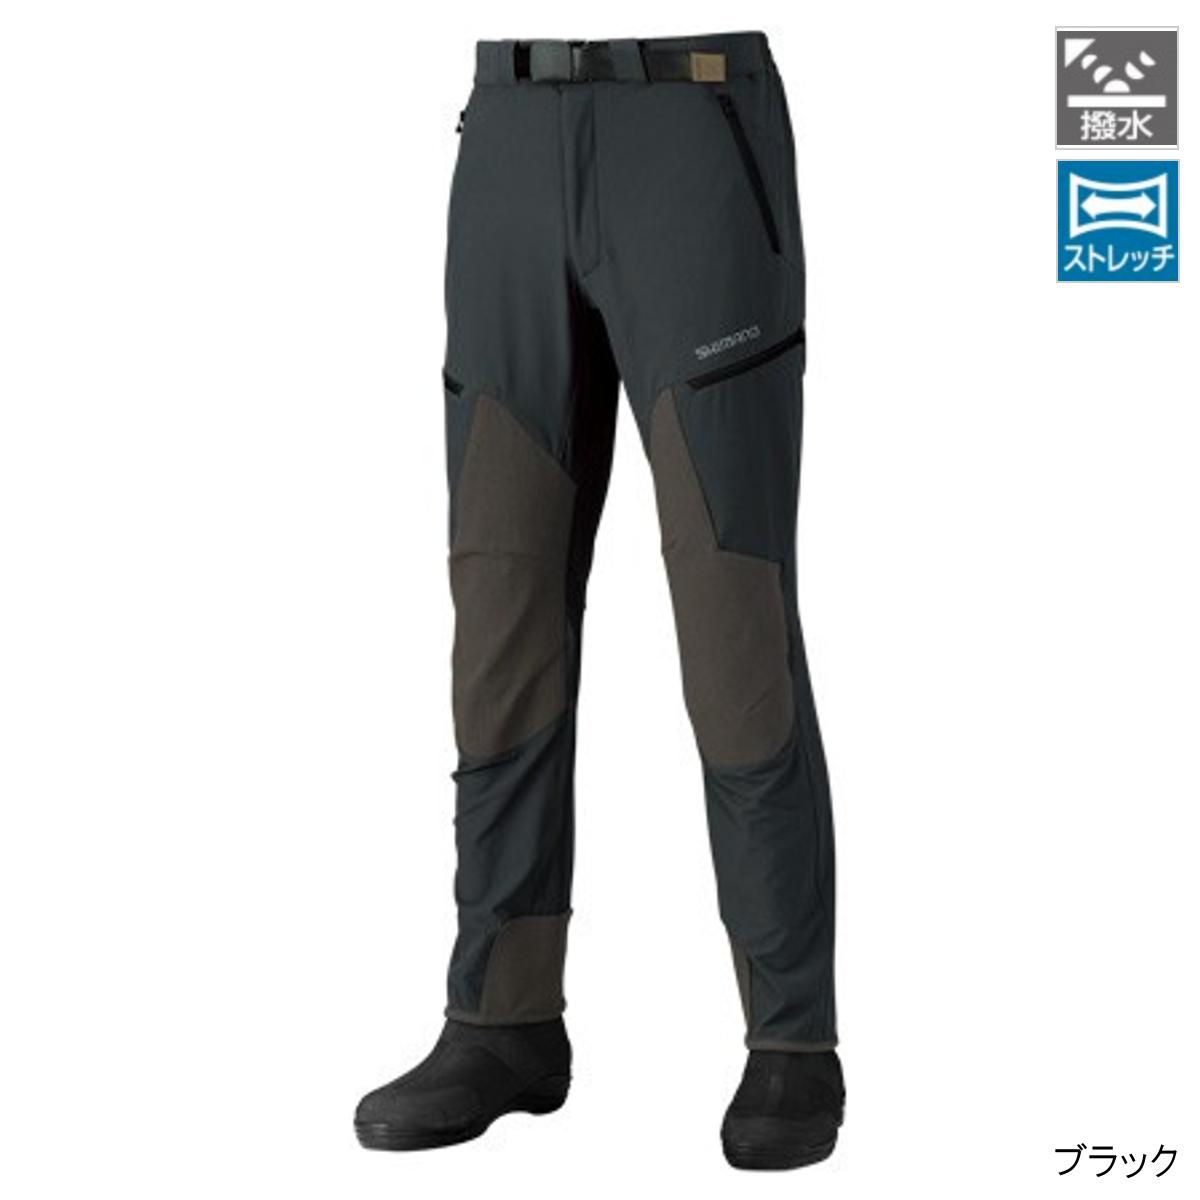 シマノ 撥水ストレッチパンツ PA-041R 2XL ブラック(東日本店)